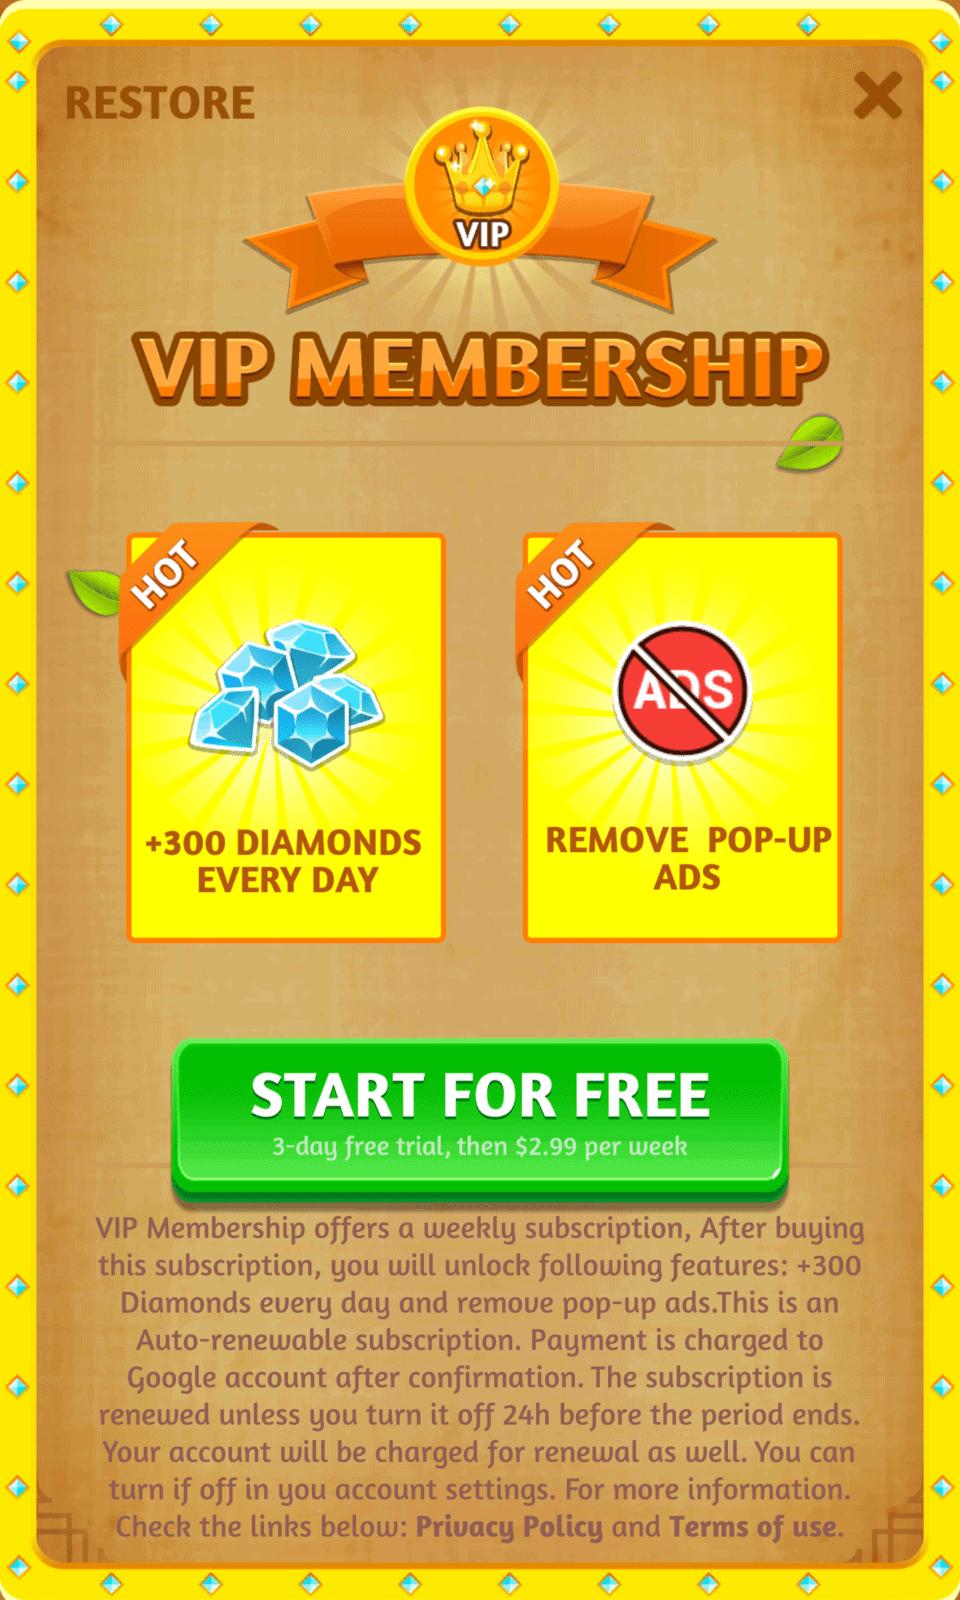 Word Link VIP Membership Information